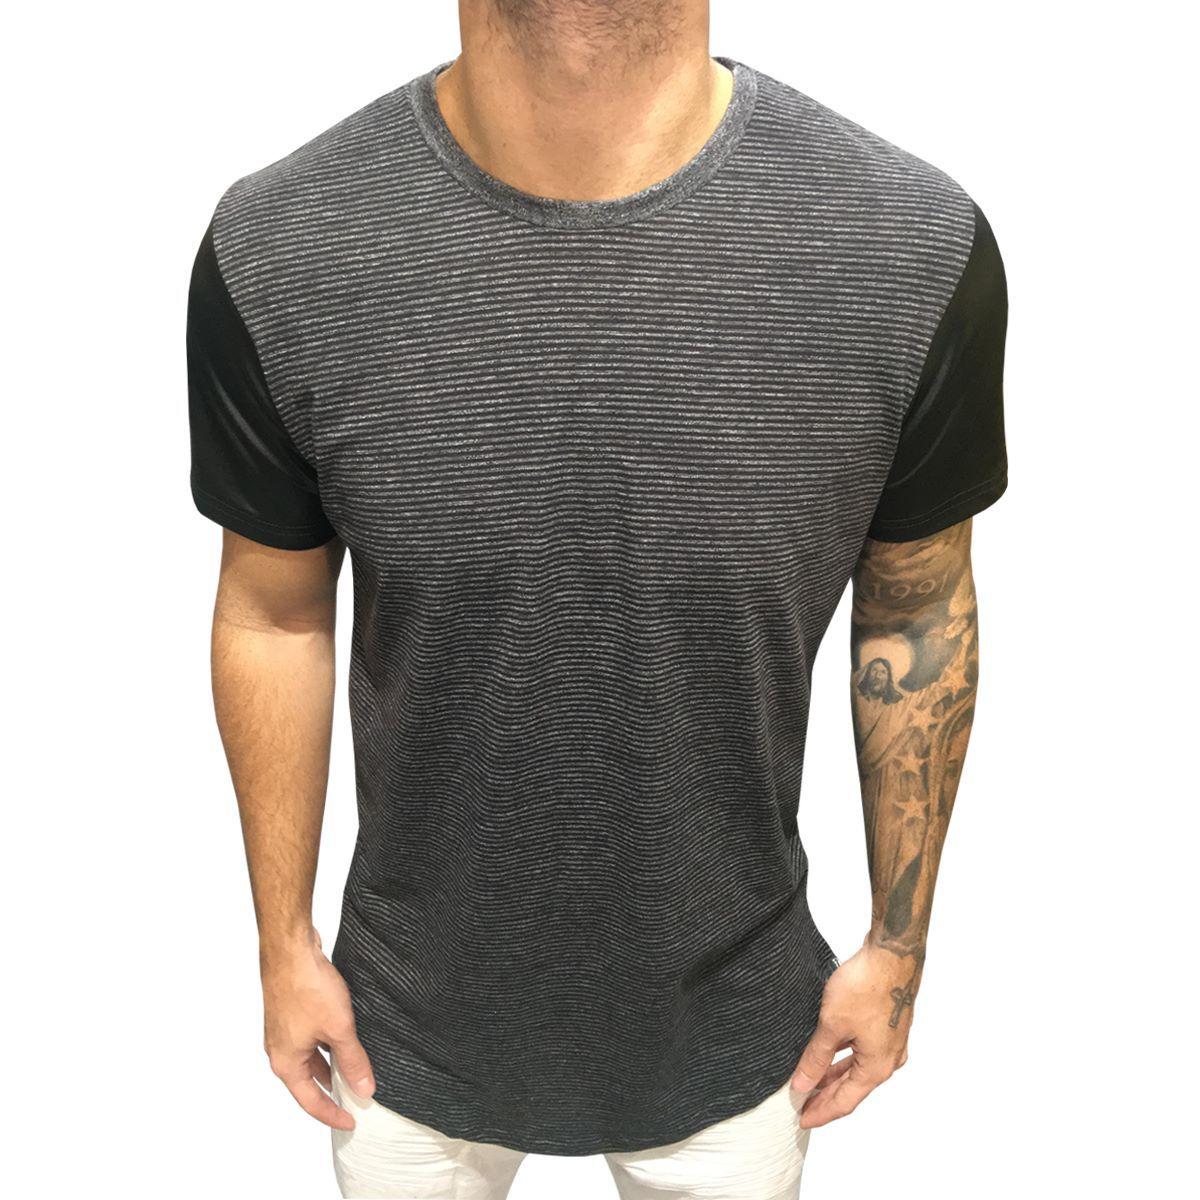 Camisa Listrada Long mangas tecido couro